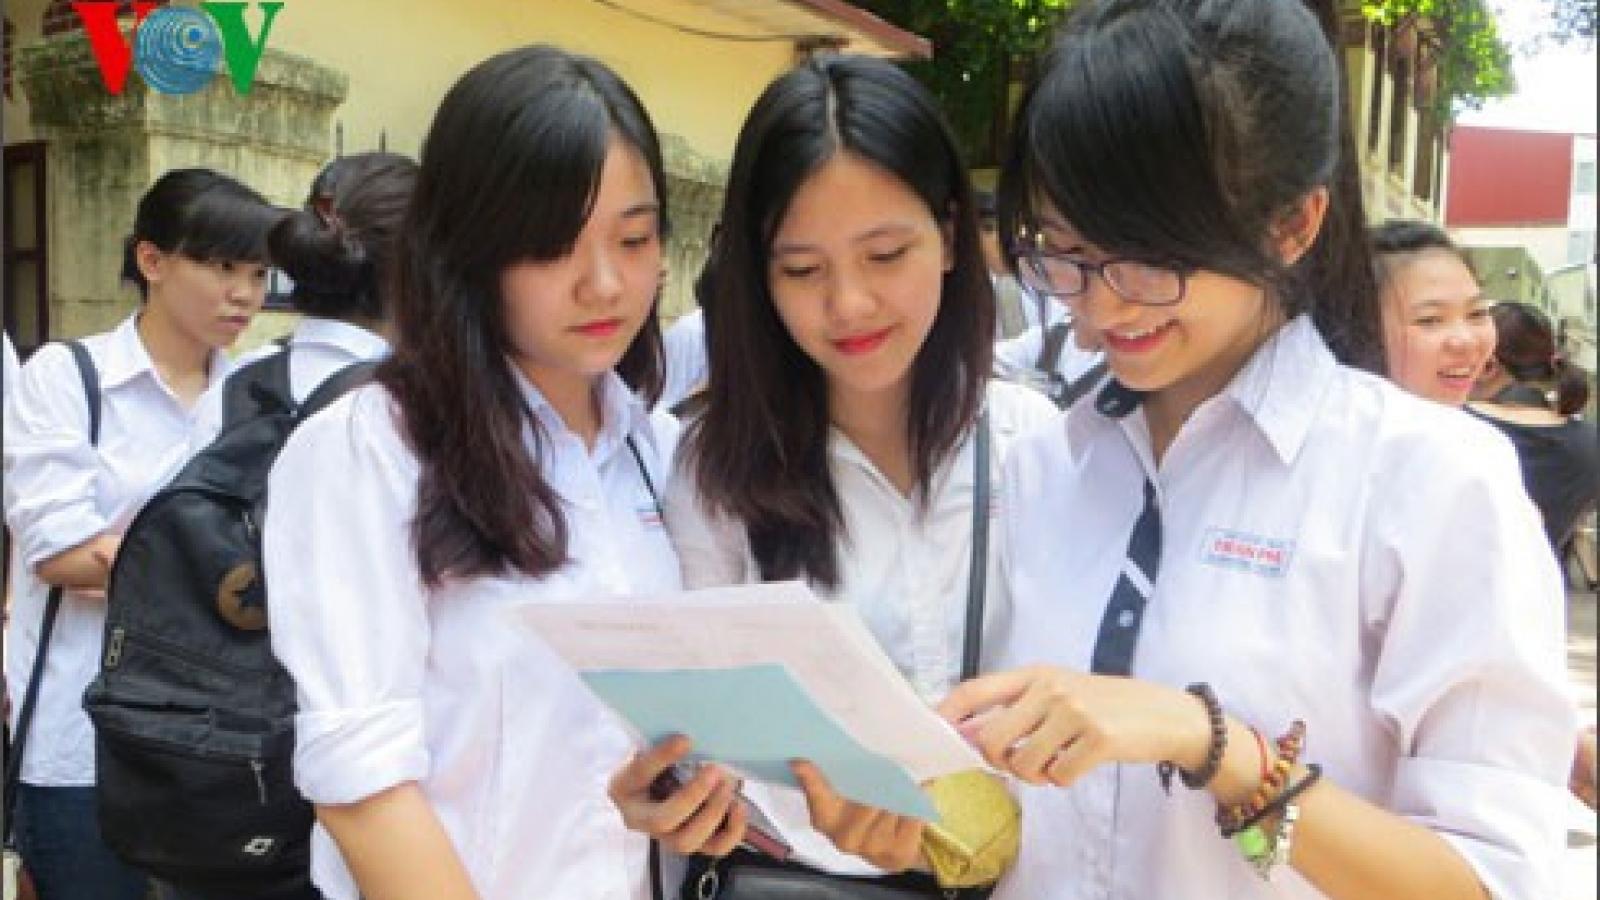 Hà Nội bỏ môn thi thứ 4 kỳ thi vào lớp 10, giảm áp lực cho học sinh